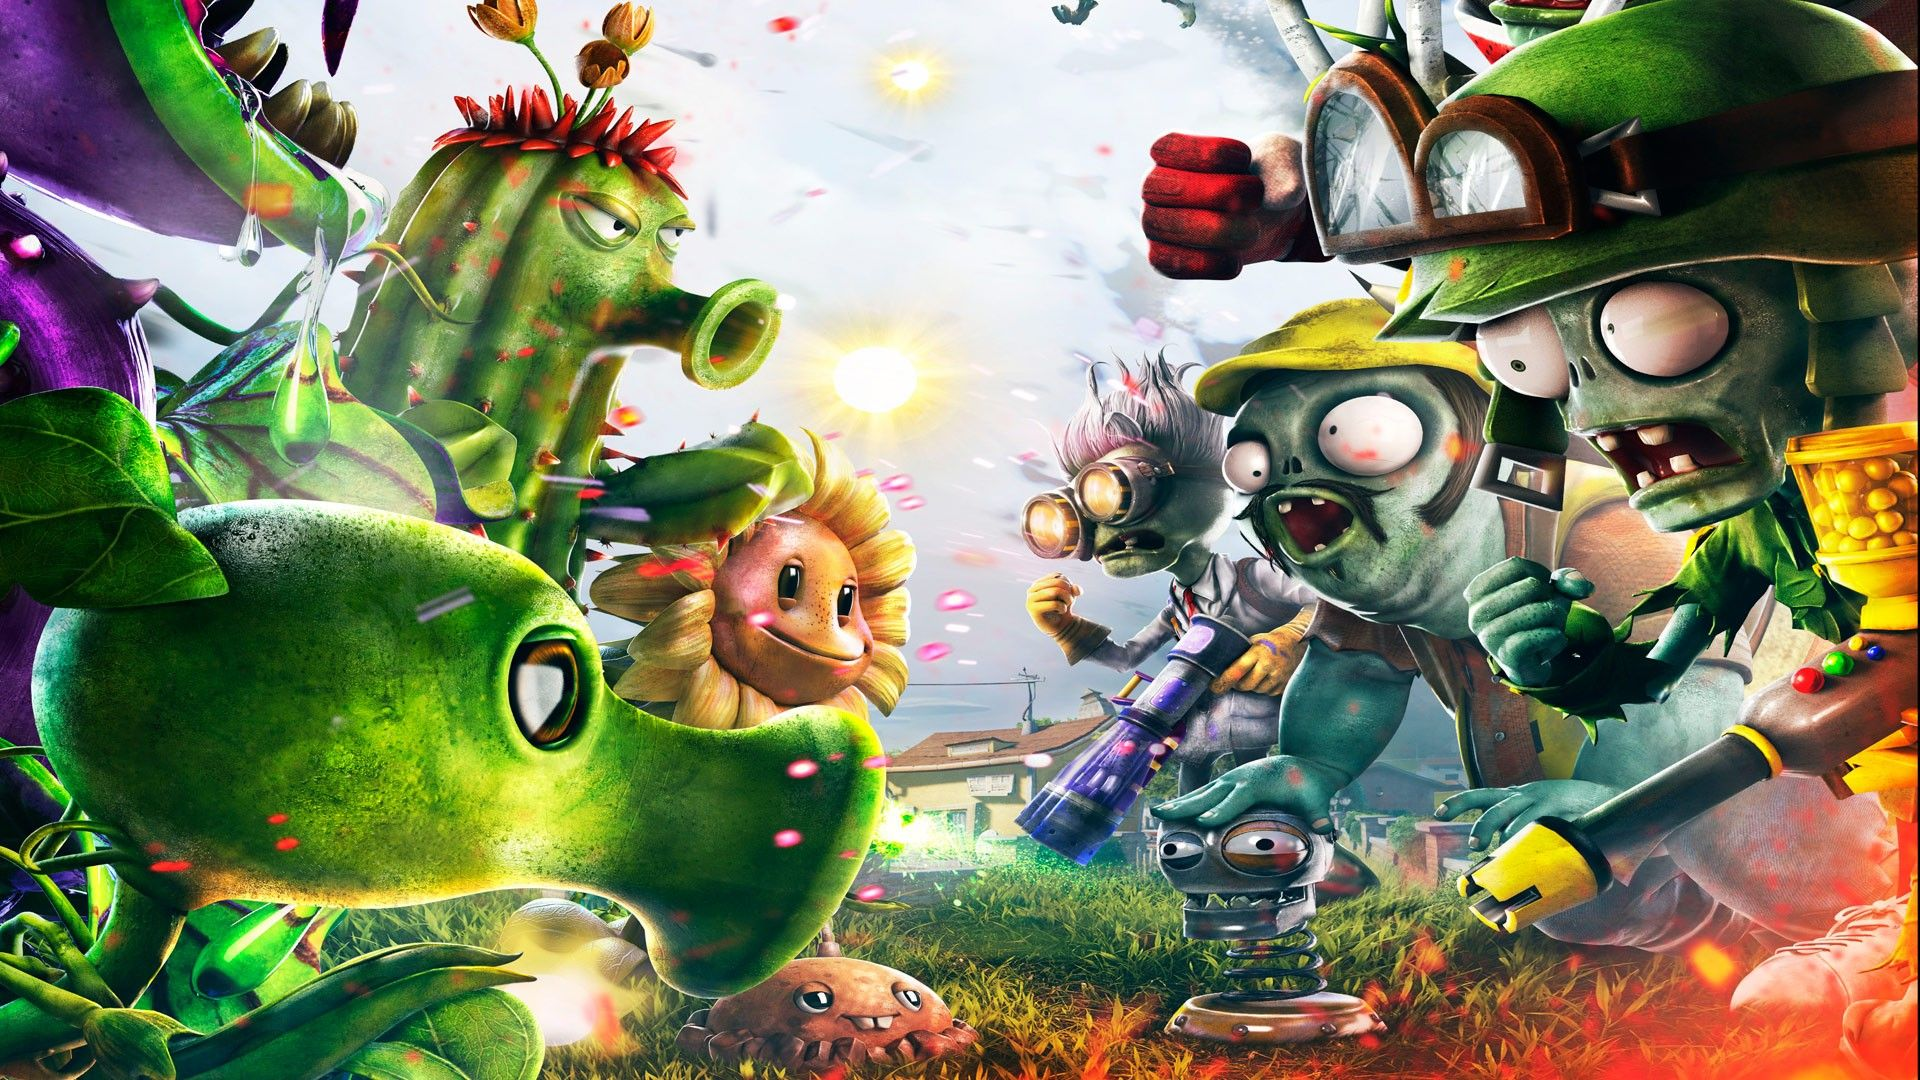 Plants Vs Zombies Garden Warfare Computer Wallpapers Desktop